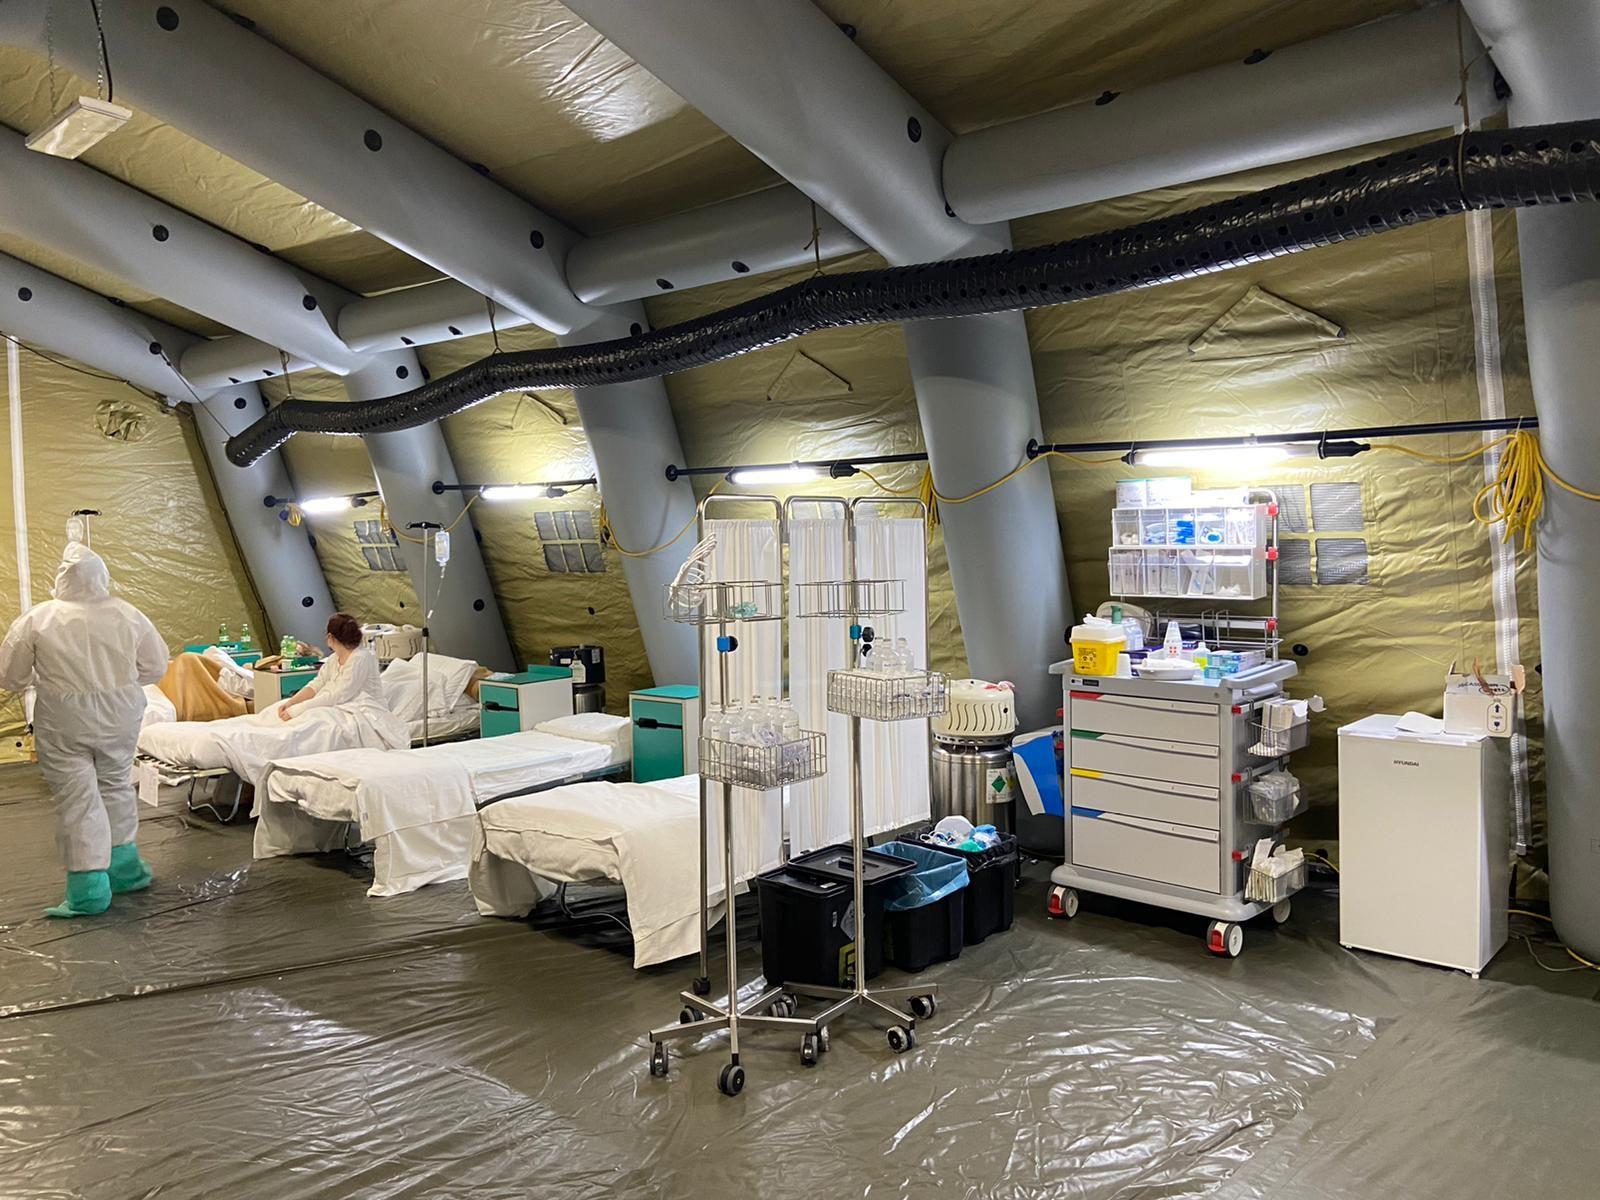 VACCINI ANTI COVID - L'Asl To4 verso il record di 4500 vaccinazioni al giorno. Ai livelli minimi il numero di ricoverati in ospedale - I DATI